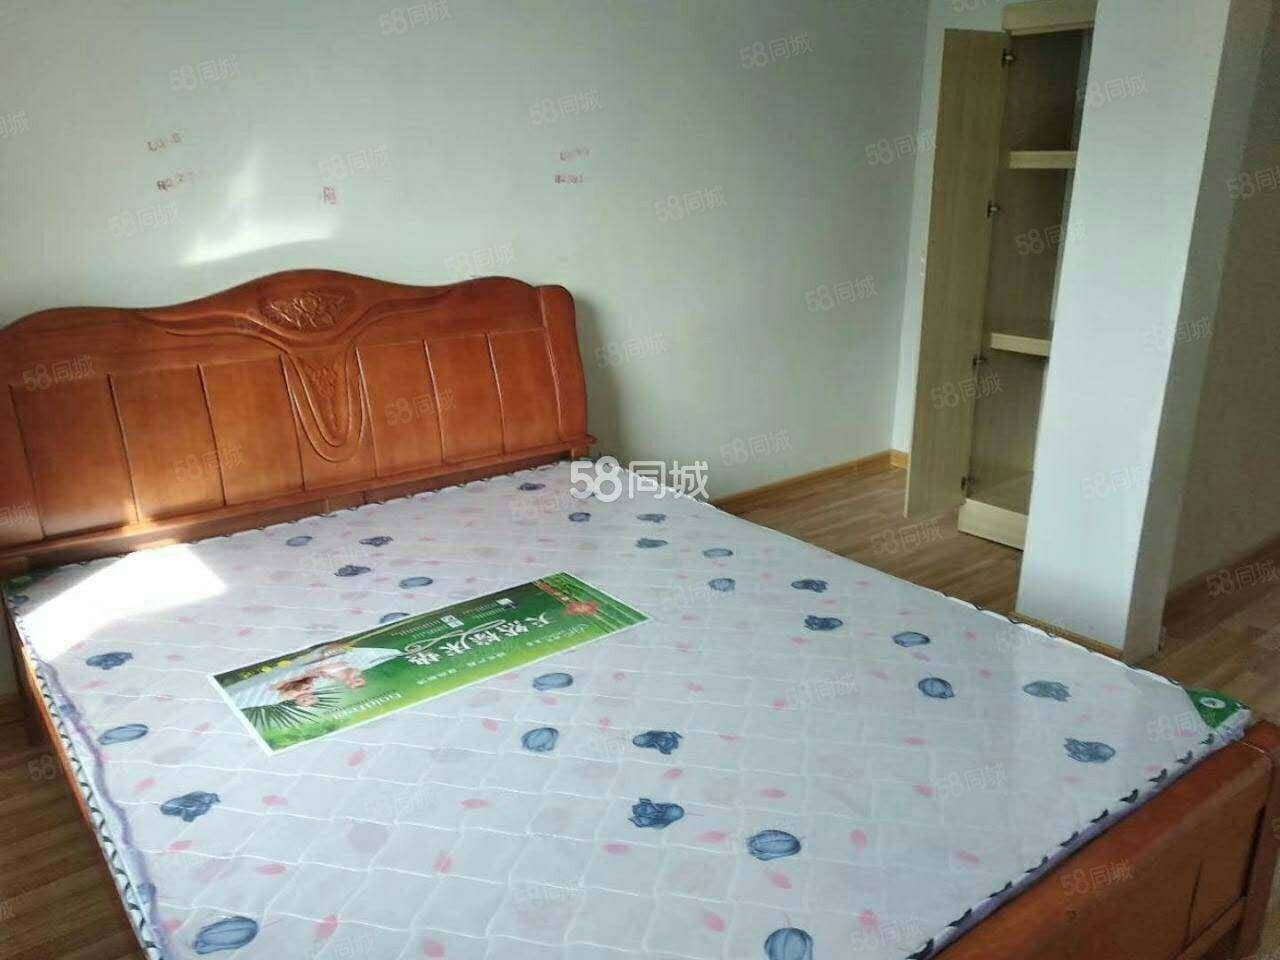 中央公�^,一室一�d,家具�R全,冰箱,洗衣�C,空�{,暖�饷�猓�